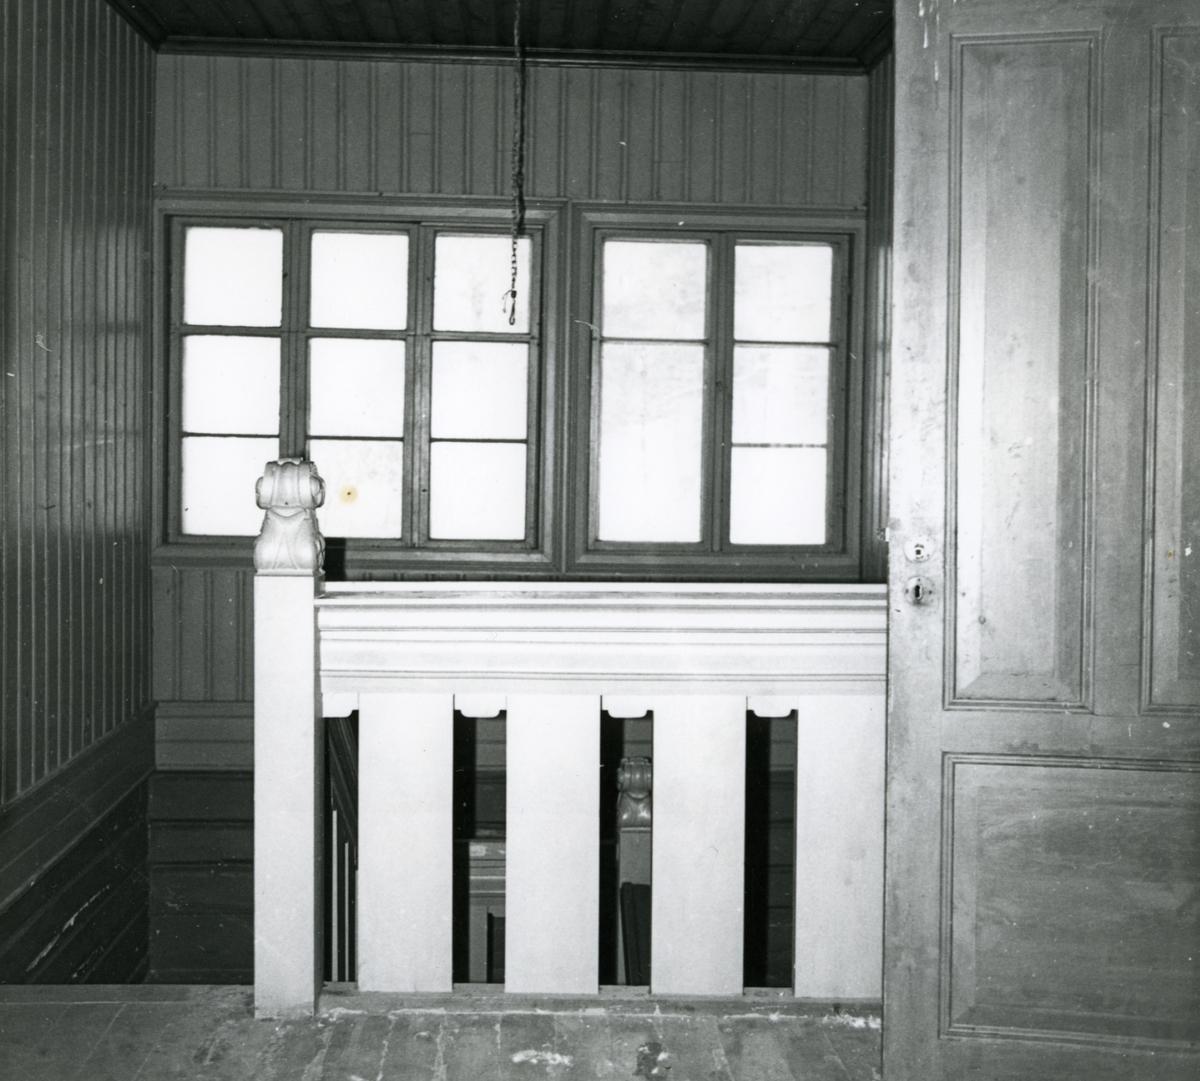 DOK:1970-tallet, Aulestad, Erlinghuset, interiør, trapp,